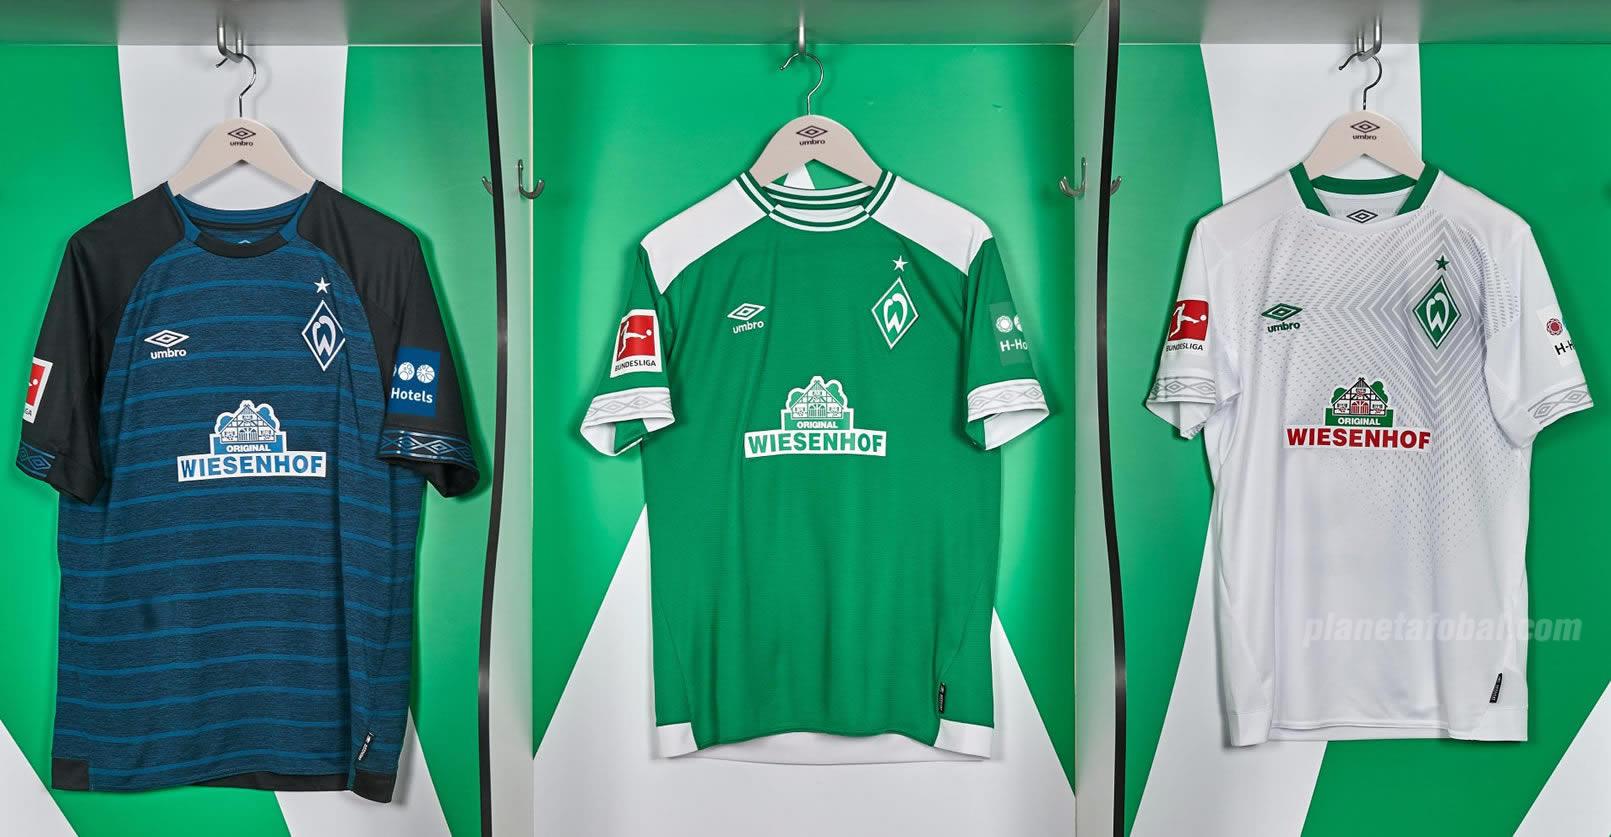 Camisetas Umbro del Werder Bremen 2018/19 | Imagen Web Oficial